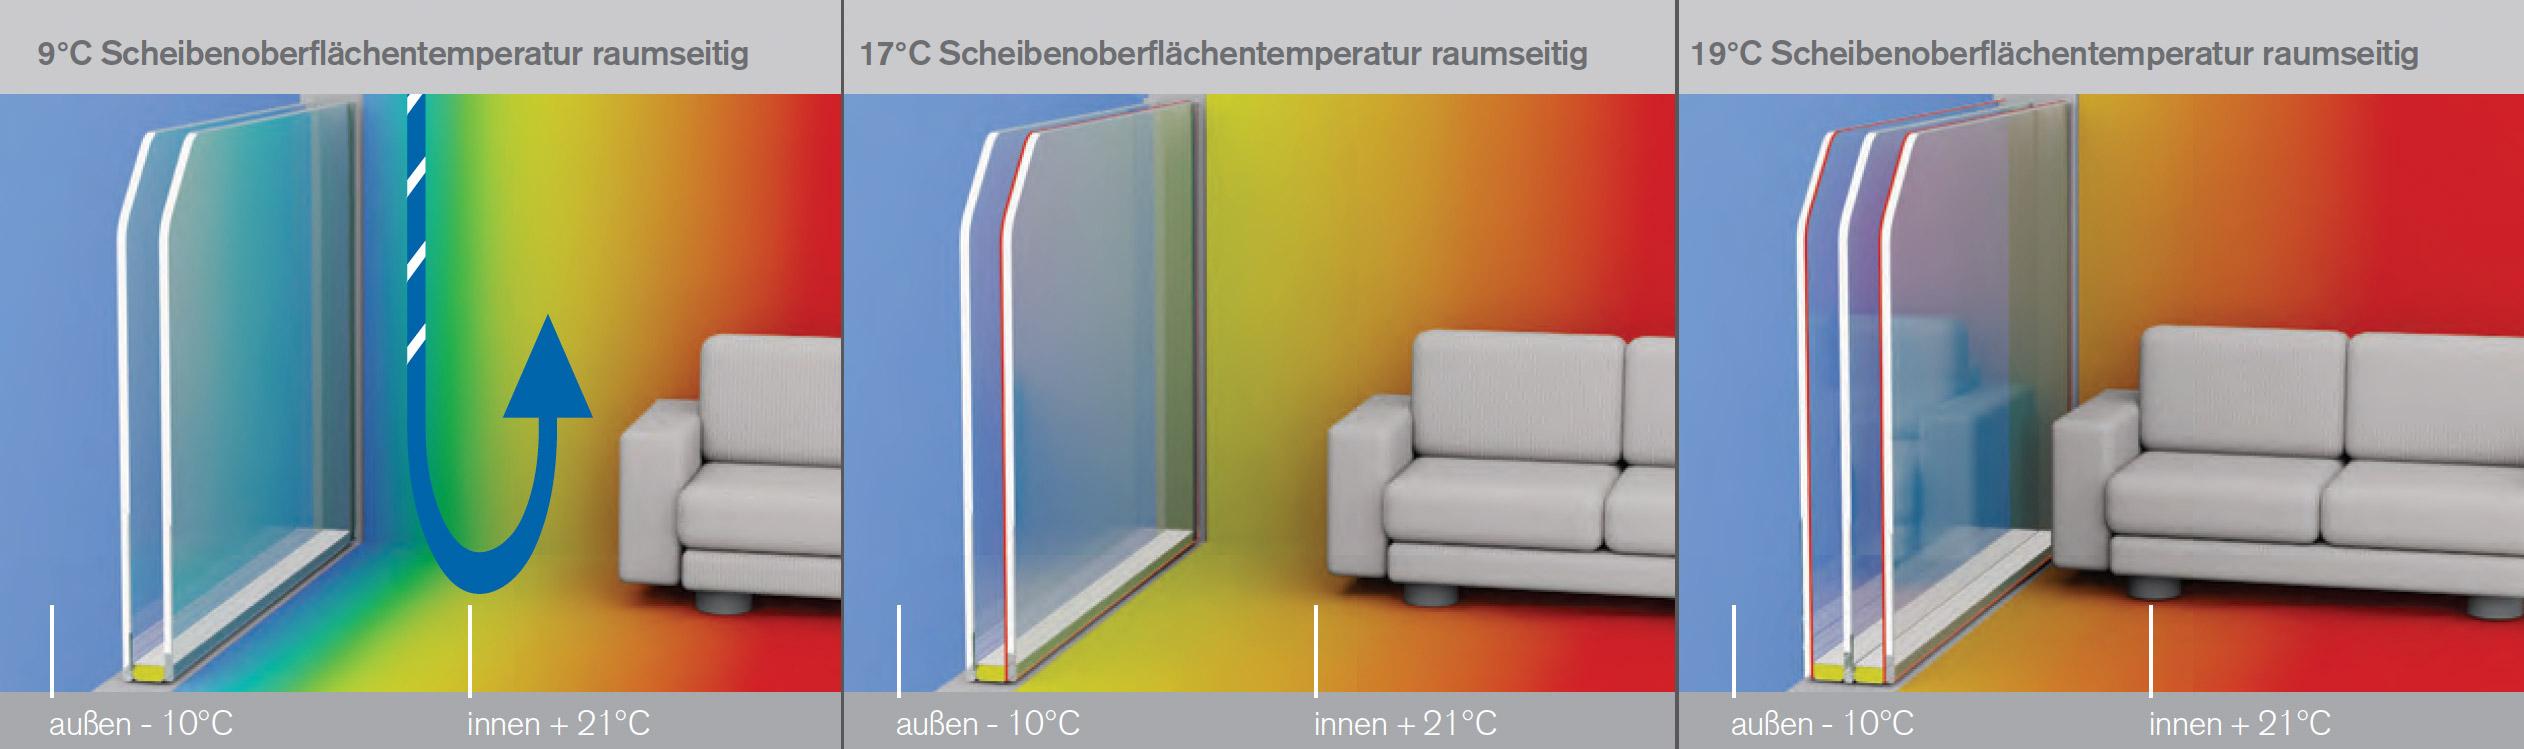 Wärmeschutzglas Grafik